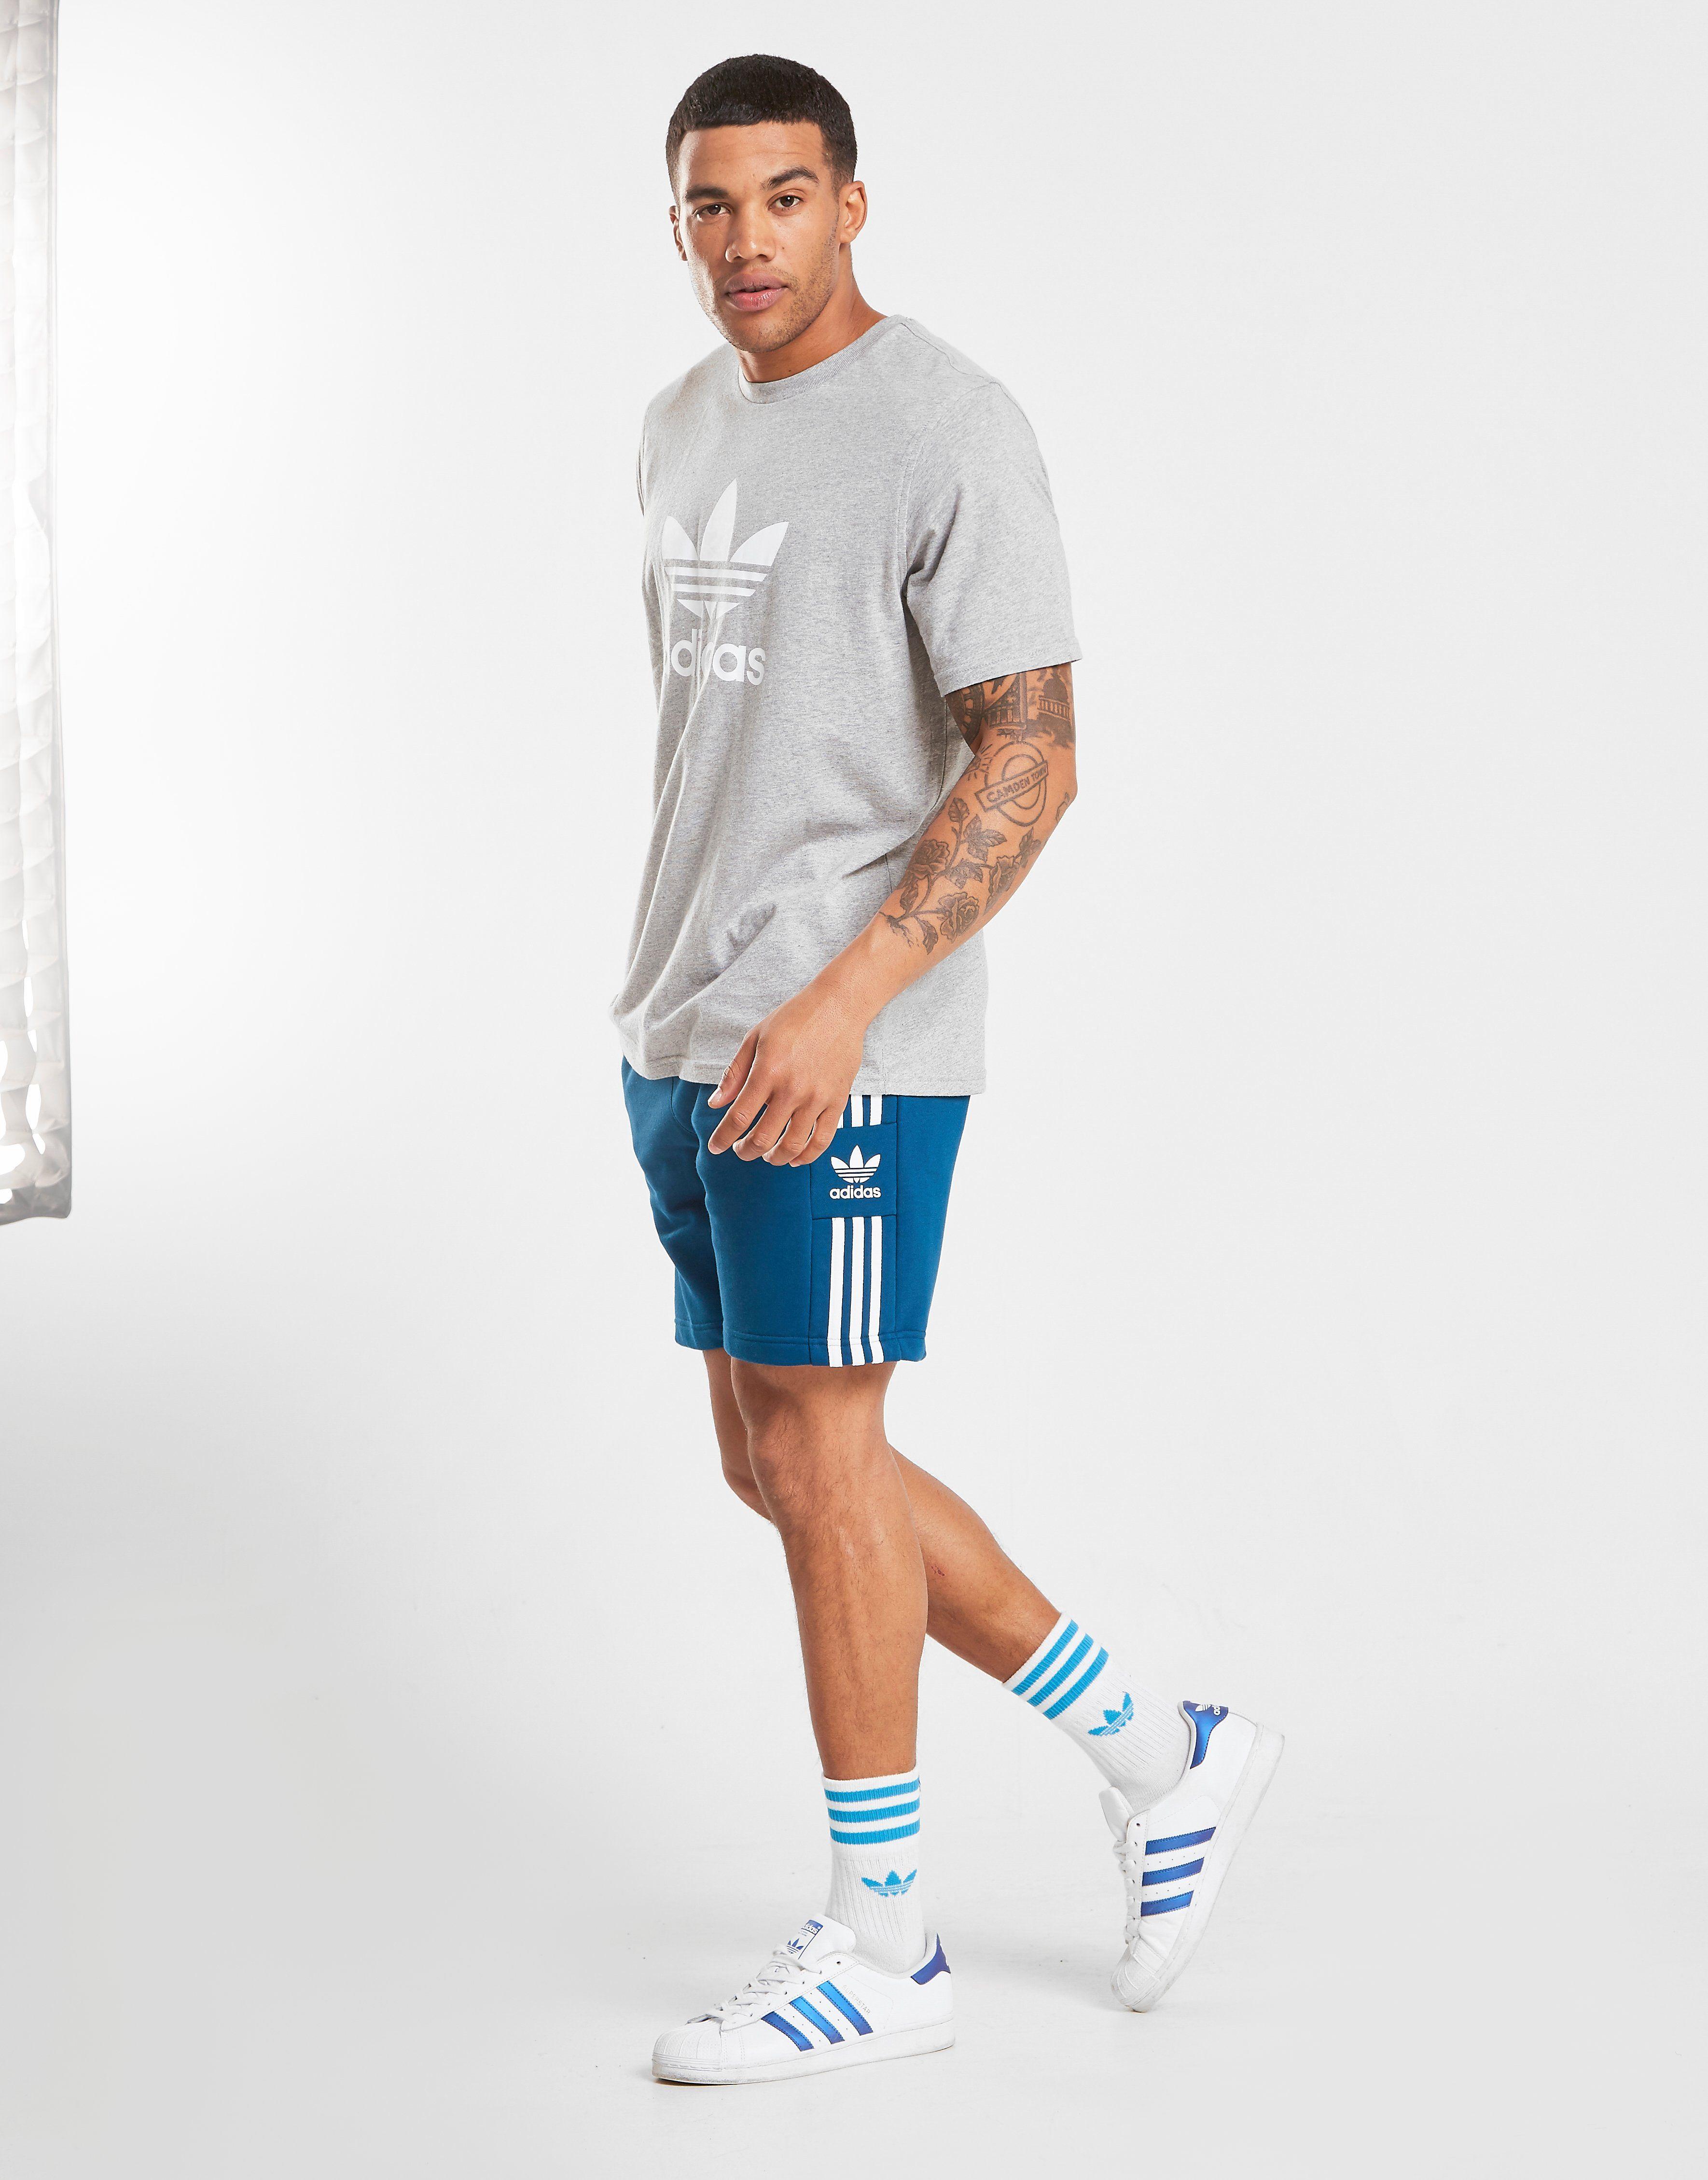 promoties Adidas Heren Adidas Originals Bermuda Blauw